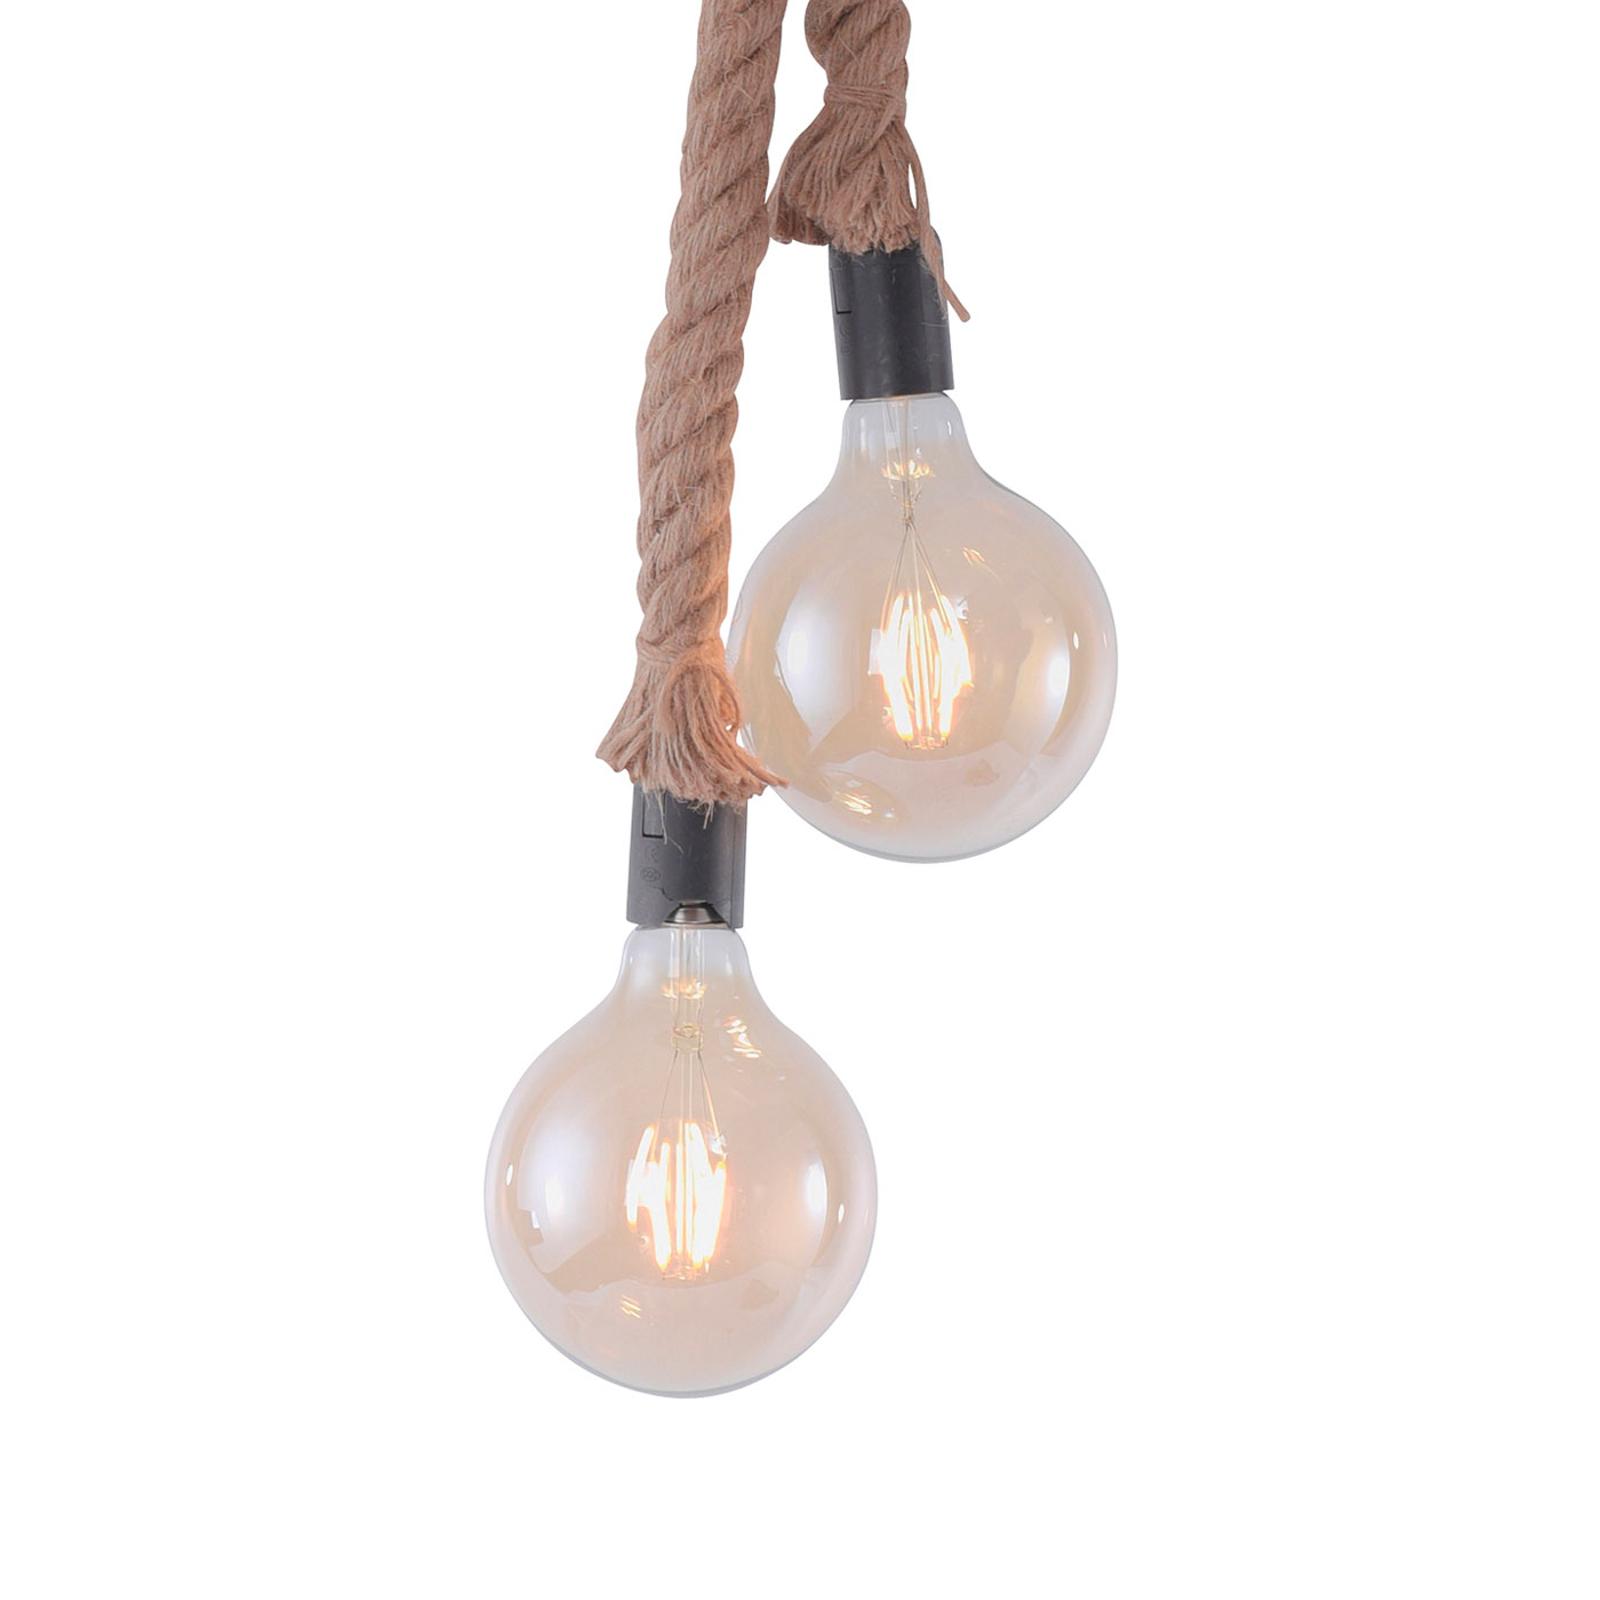 Lampa wisząca Rope z liną, 2-punktowa